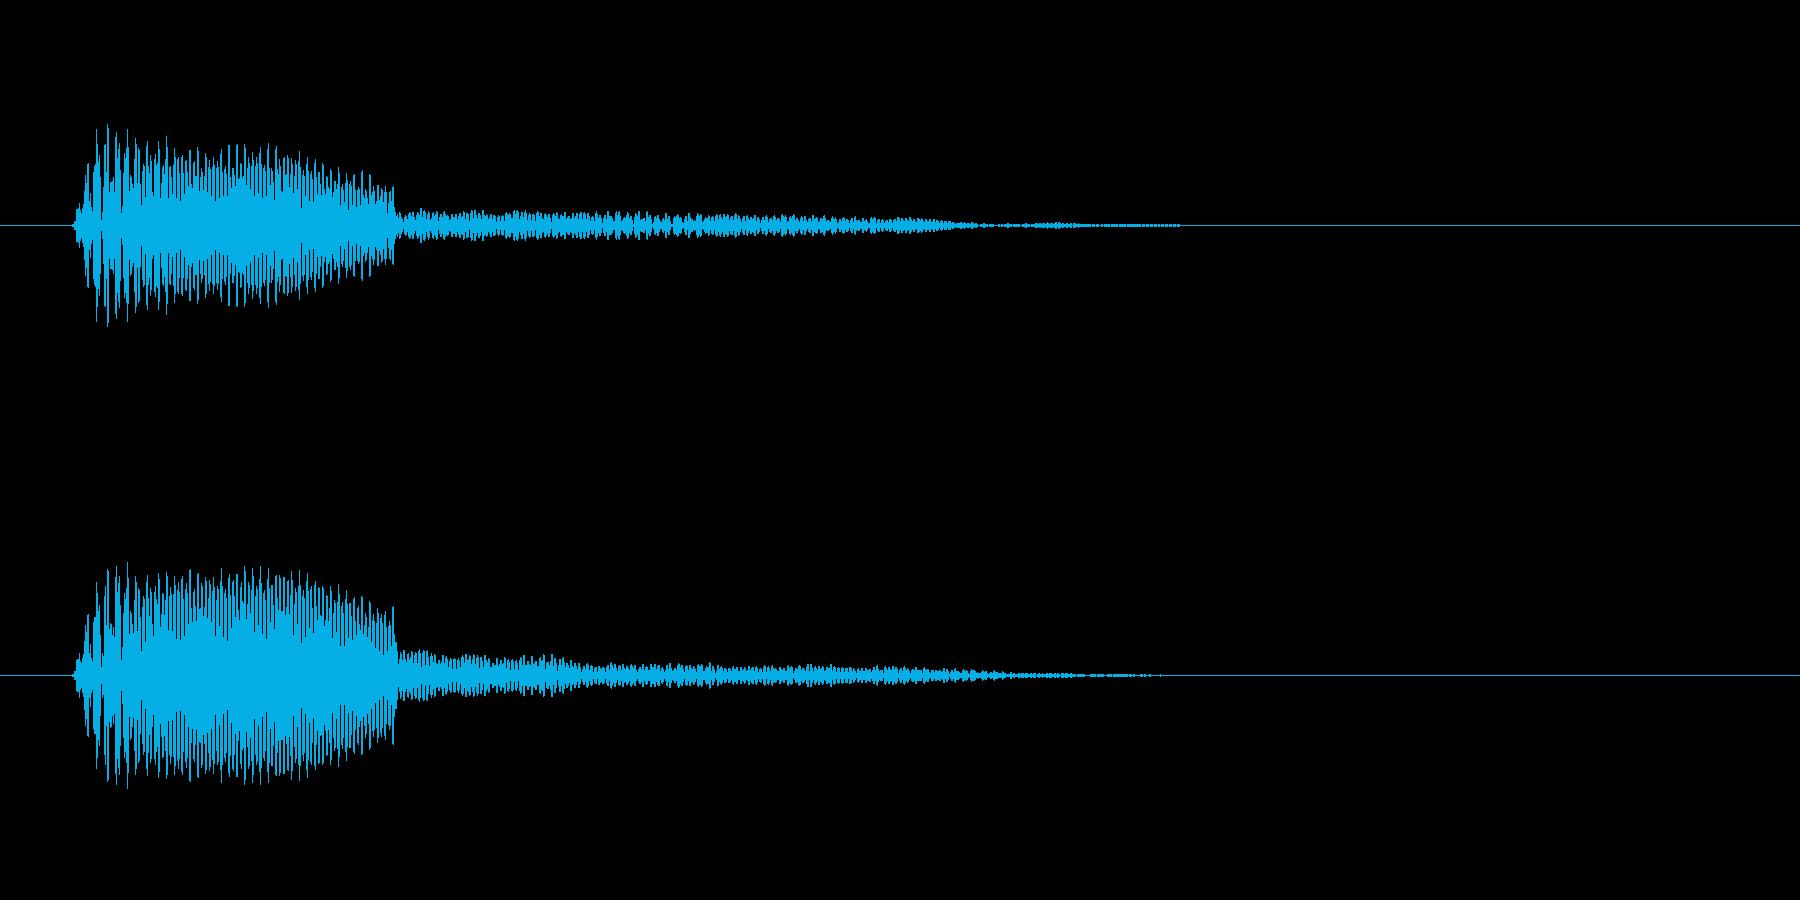 ポン、という高くてはっきりした音の再生済みの波形